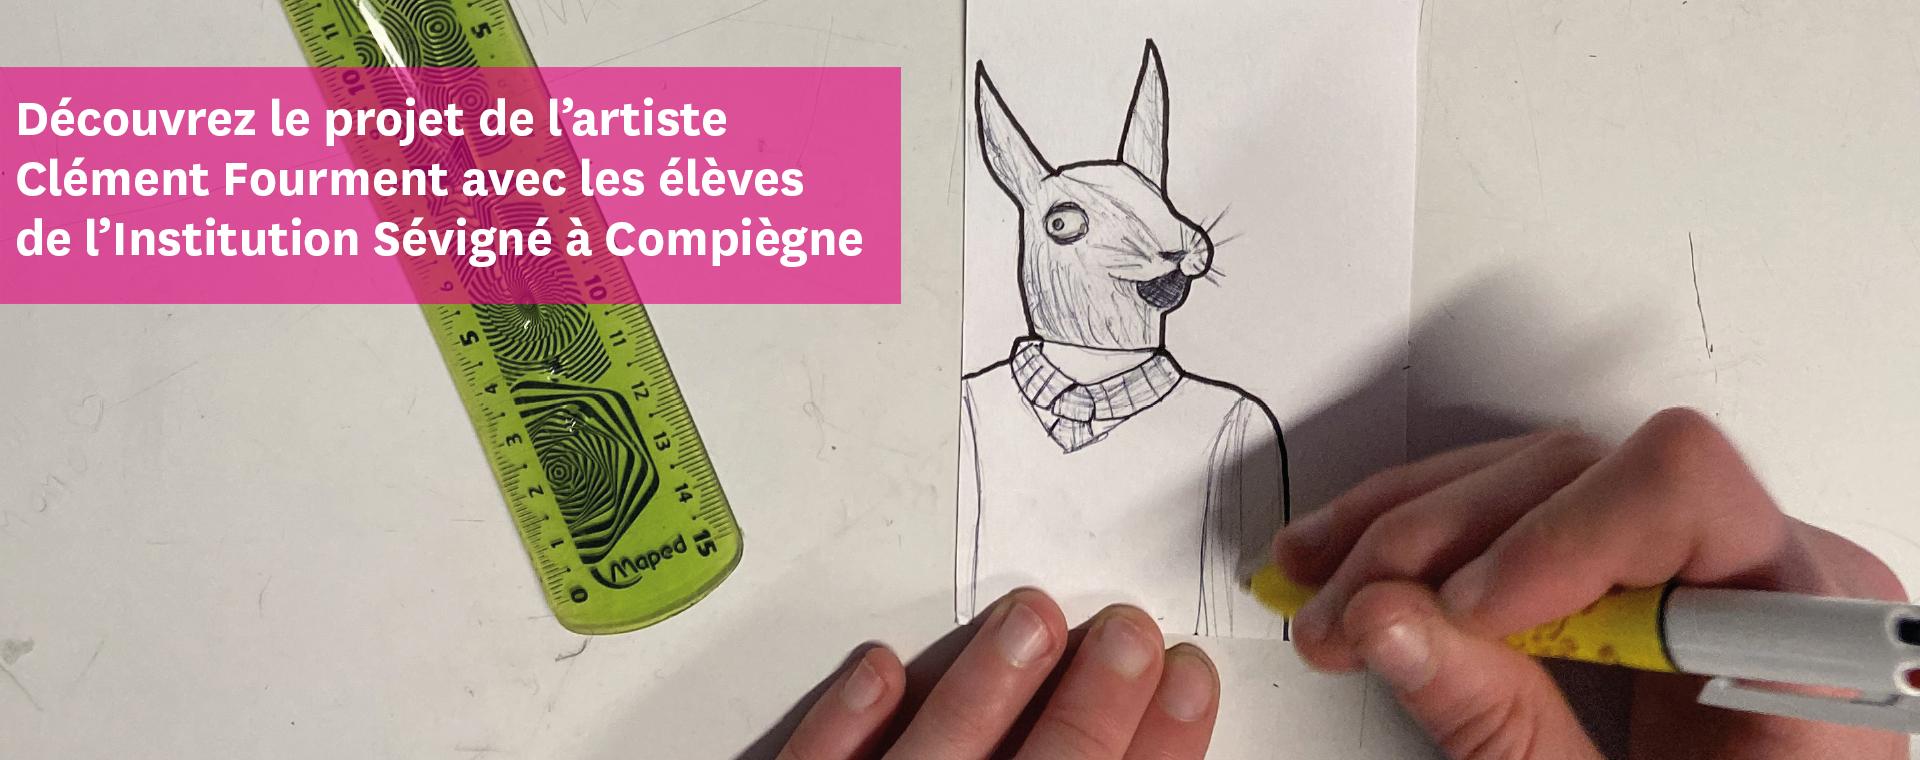 Projet artistique avec le collège Sévigné à Compiègne